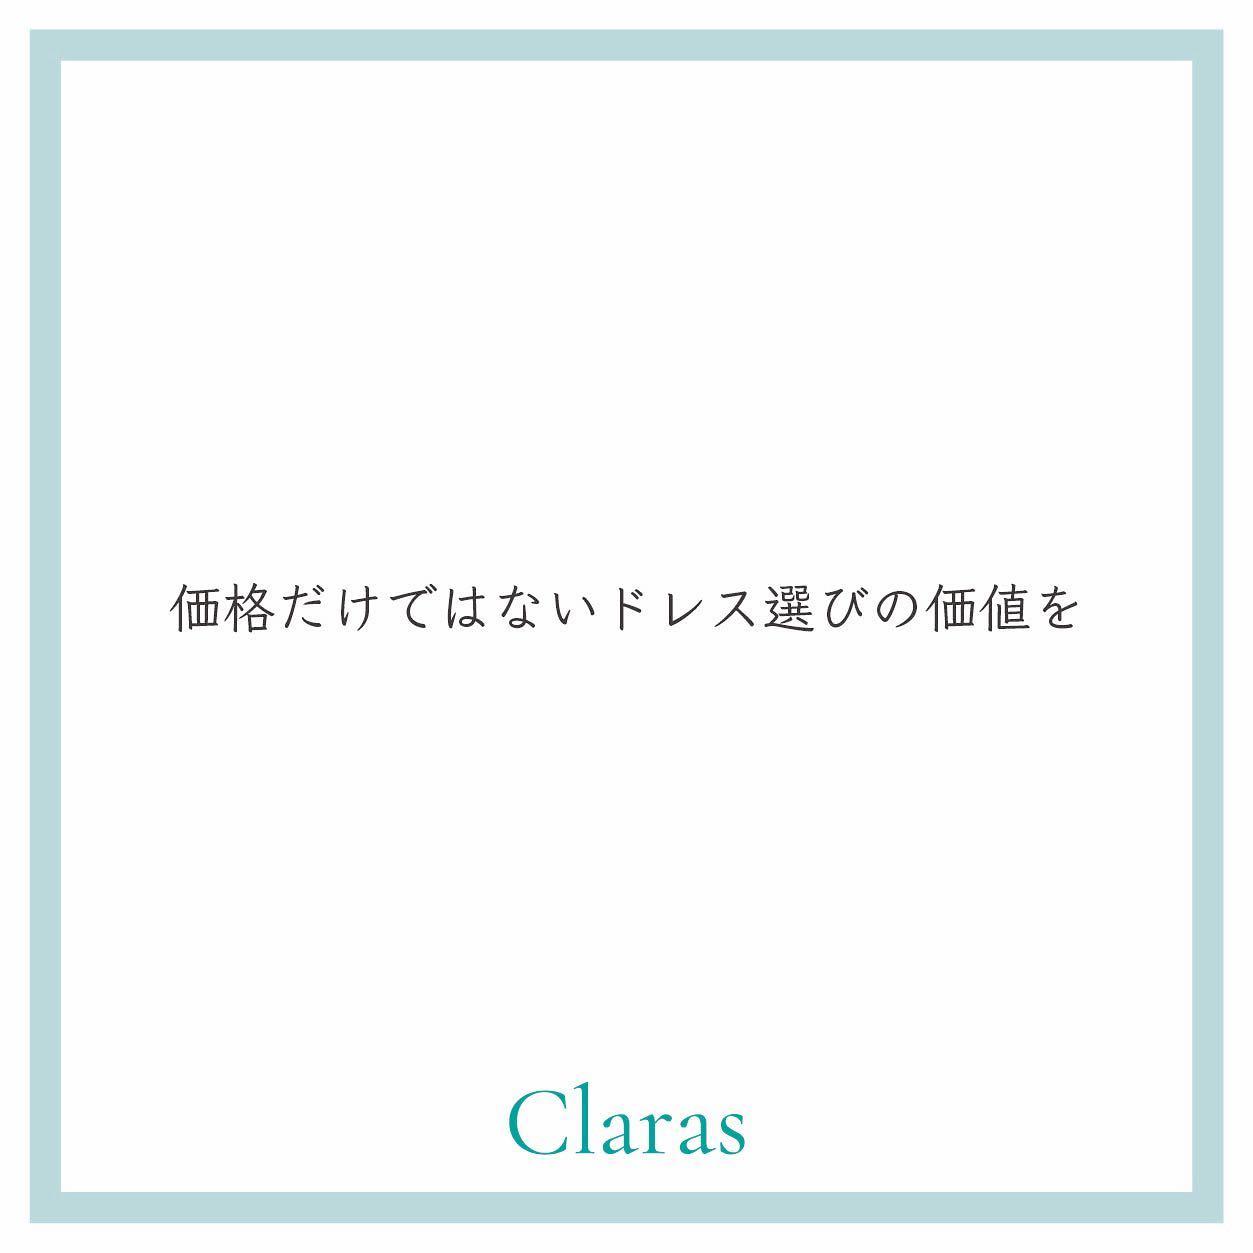 """🕊ドレス選びから始まる結婚準備を🕊今までのやり方より、今の時代に合ったやり方を🤍・自分たちらしい結婚準備がClarasならできます・インポートドレスを適正価格でお届けするのがClarasレンタルでは叶わない繊細で上質な素材も、ジャストサイズだから再現できるデザイン美も販売だからこそ叶えていけるクオリティ🤍Parisに関連会社があるからこそ直輸入での適正価格・Clarasは1組ずつ貸切でご案内寛ぎながら本当にその方に合った1着へと導きます🤍自分だけのための1着を選びに来てください❣️結婚式やフォトなど迷ってる方でもまずはClarasへ🕊長年様々なウエディングに携わってきたClarasスタッフより、細かなカウンセリングを行い的確ななご提案をさせていただきますご予約はDMからでも承れます・New Normal Wedding Salon""""Claras""""https://claras.jp/・about """"Claras""""…(ラテン語で、明るい·輝く)As(明日· 未来, フランス語て最高、一番) ・明るく輝く明日(未来) に貢献したいという想いを込めています🕊Fashionの都Parisをはじめ、欧米から選りすぐりのドレスをこれから出逢う花嫁のために取揃えました・2021.3.7 (Sun)NEW OPEN・Dressから始まるWedding Story""""憧れていた Dress選びから始まる結婚準備があったっていい""""・さまざまな新しい「価値」を創造し発信していきますこれからの新しい Wedding の常識を""""Claras """"から🕊・New Normal Wedding Salon【Claras】〒107-0061 東京都港区北青山2-9-14SISTER Bldg 1F(101) 東京メトロ銀座線 外苑前駅3番出ロより徒歩2分Tel:03 6910 5163HP: https://claras.jp営業時間:平日 12:00-18:00 土日祝11:00-18:00(定休日:月・火)・#wedding #weddingdress #legeretes #claras #paris #vowrenewal#ウェディングドレス #プレ花嫁 #ドレス試着 #ドレス迷子 #2021冬婚 #ヘアメイク #結婚式  #ドレス選び #前撮り #インポートドレス #フォトウェディング #ウェディングヘア  #フォト婚 #ニューノーマル #ブライダルフォト #カップルフォト #ウェディングドレス探し #ウェディングドレス試着 #セルドレス #ドレスショップ #家族婚 #バウリニューアル #記念日婚 #婚約しました"""